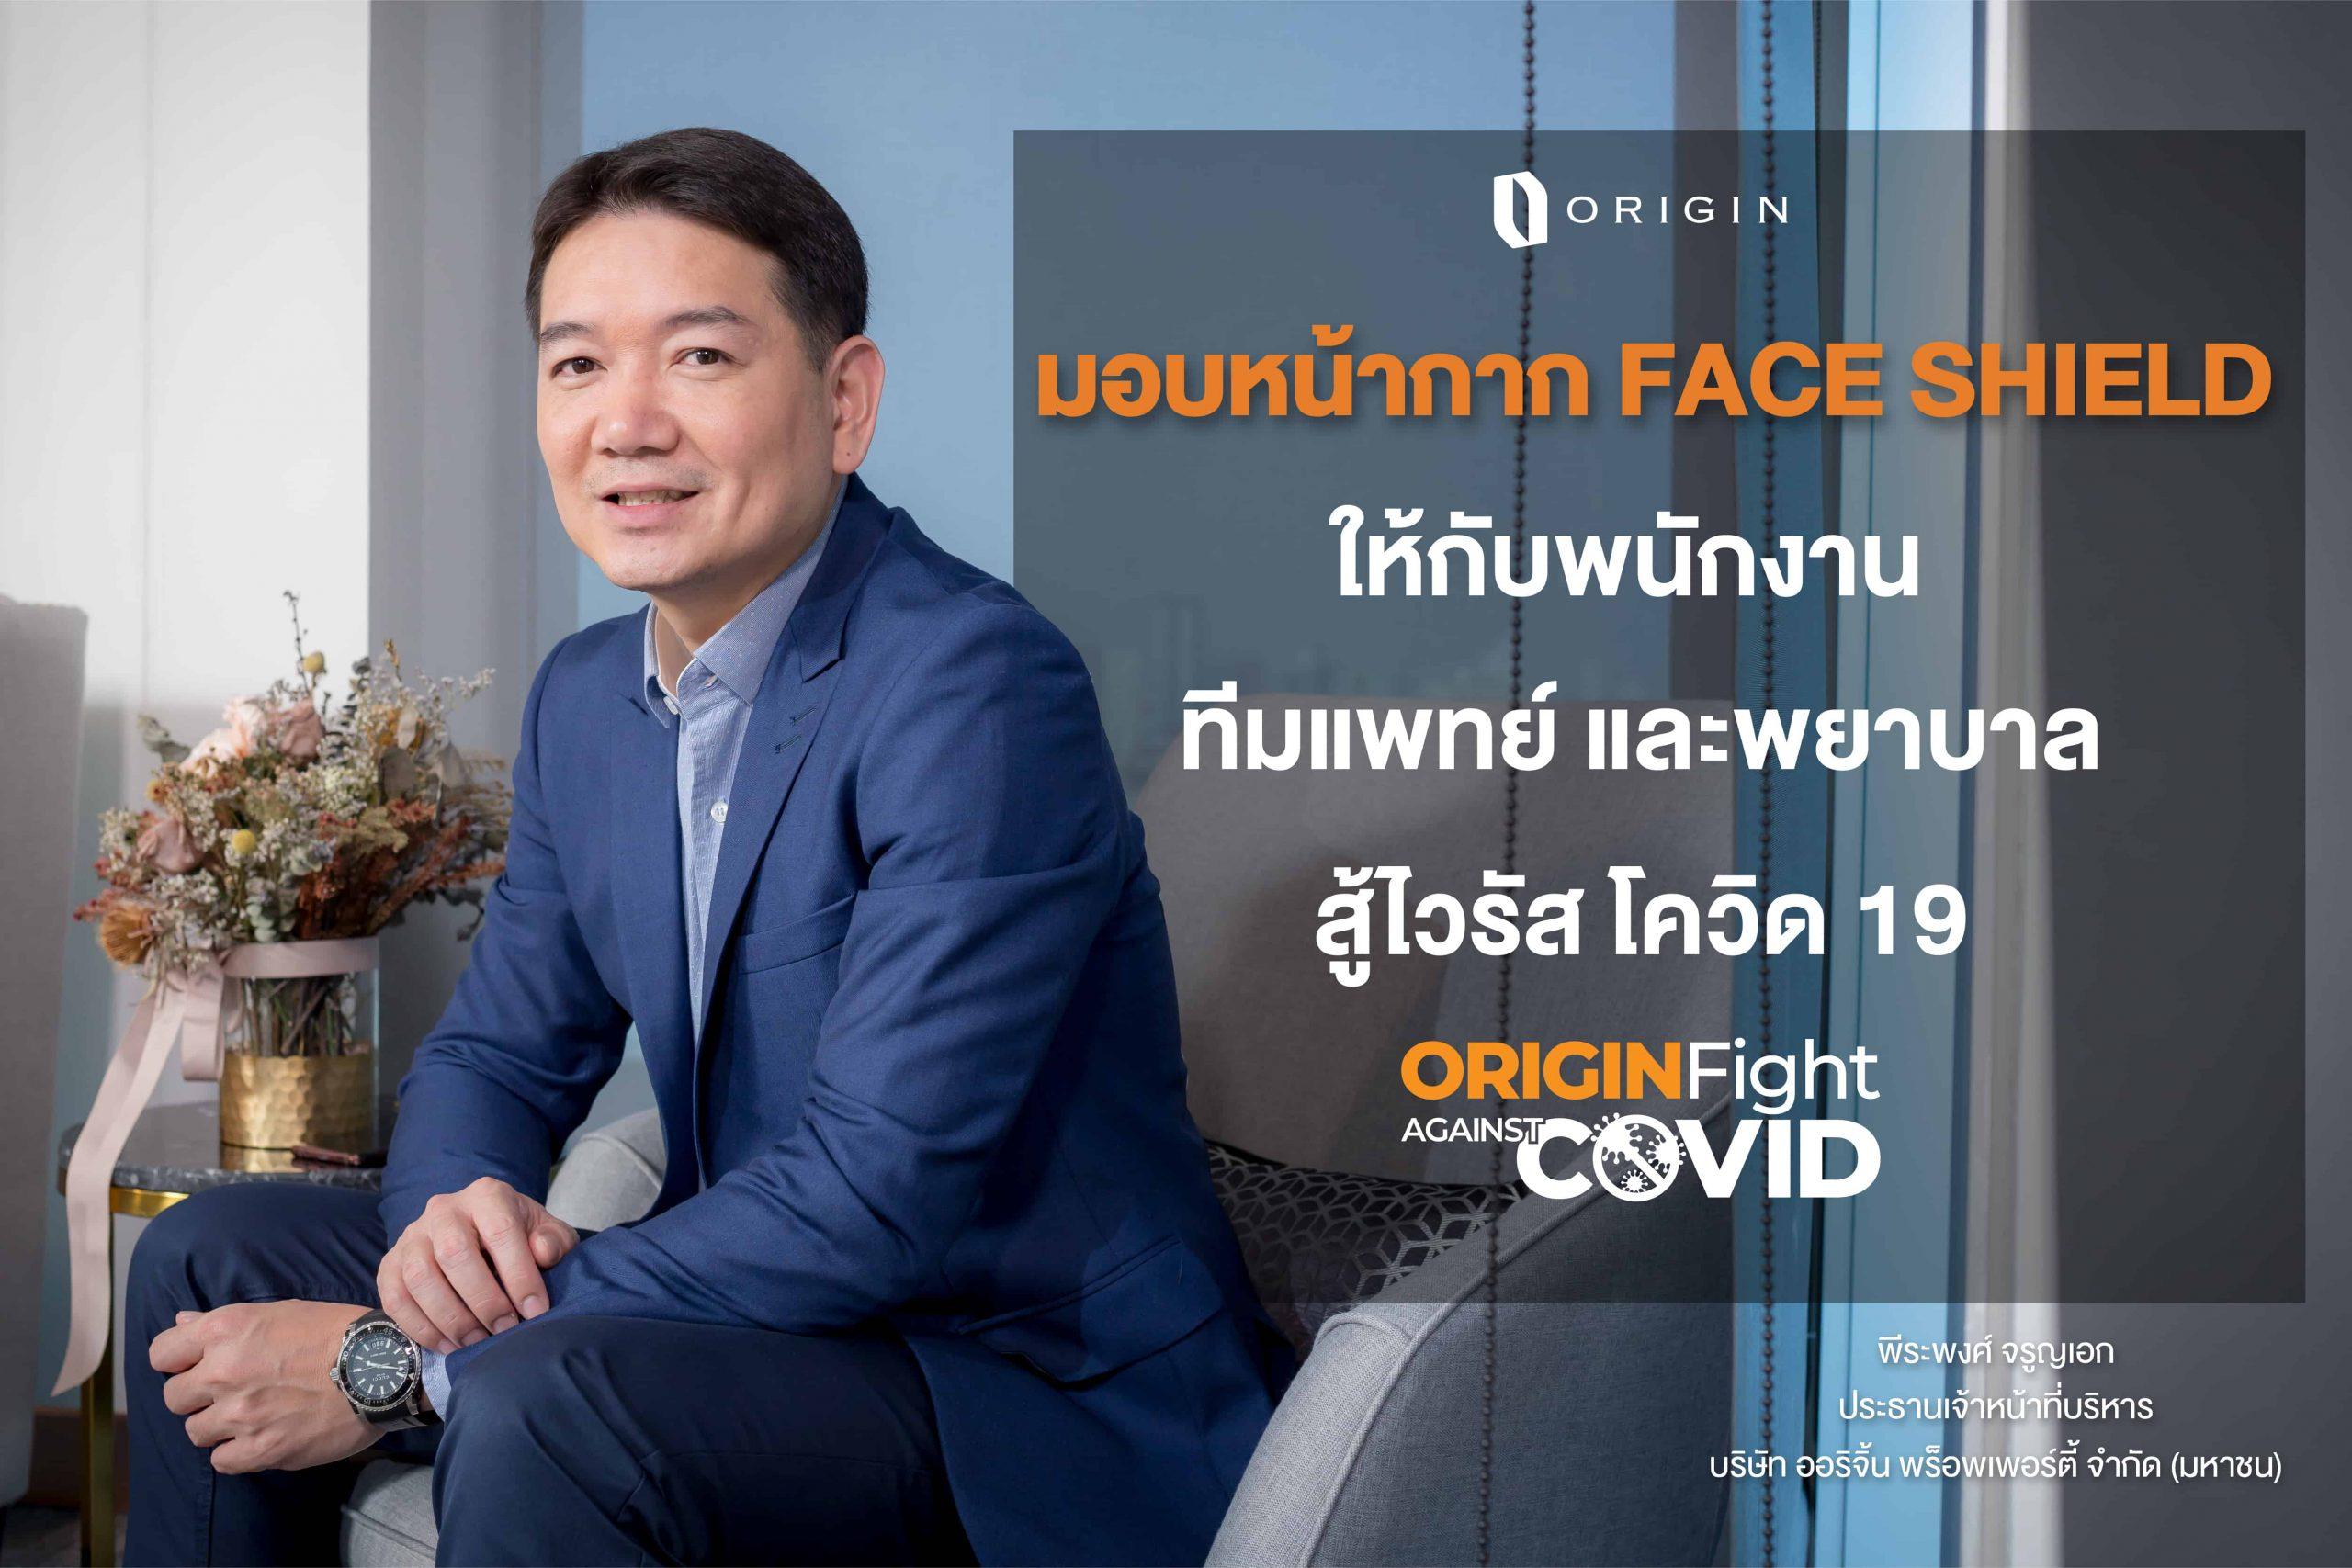 ร่วมใจทำหน้ากาก Face Shield ส่งมอบบุคลากรทางการแพทย์